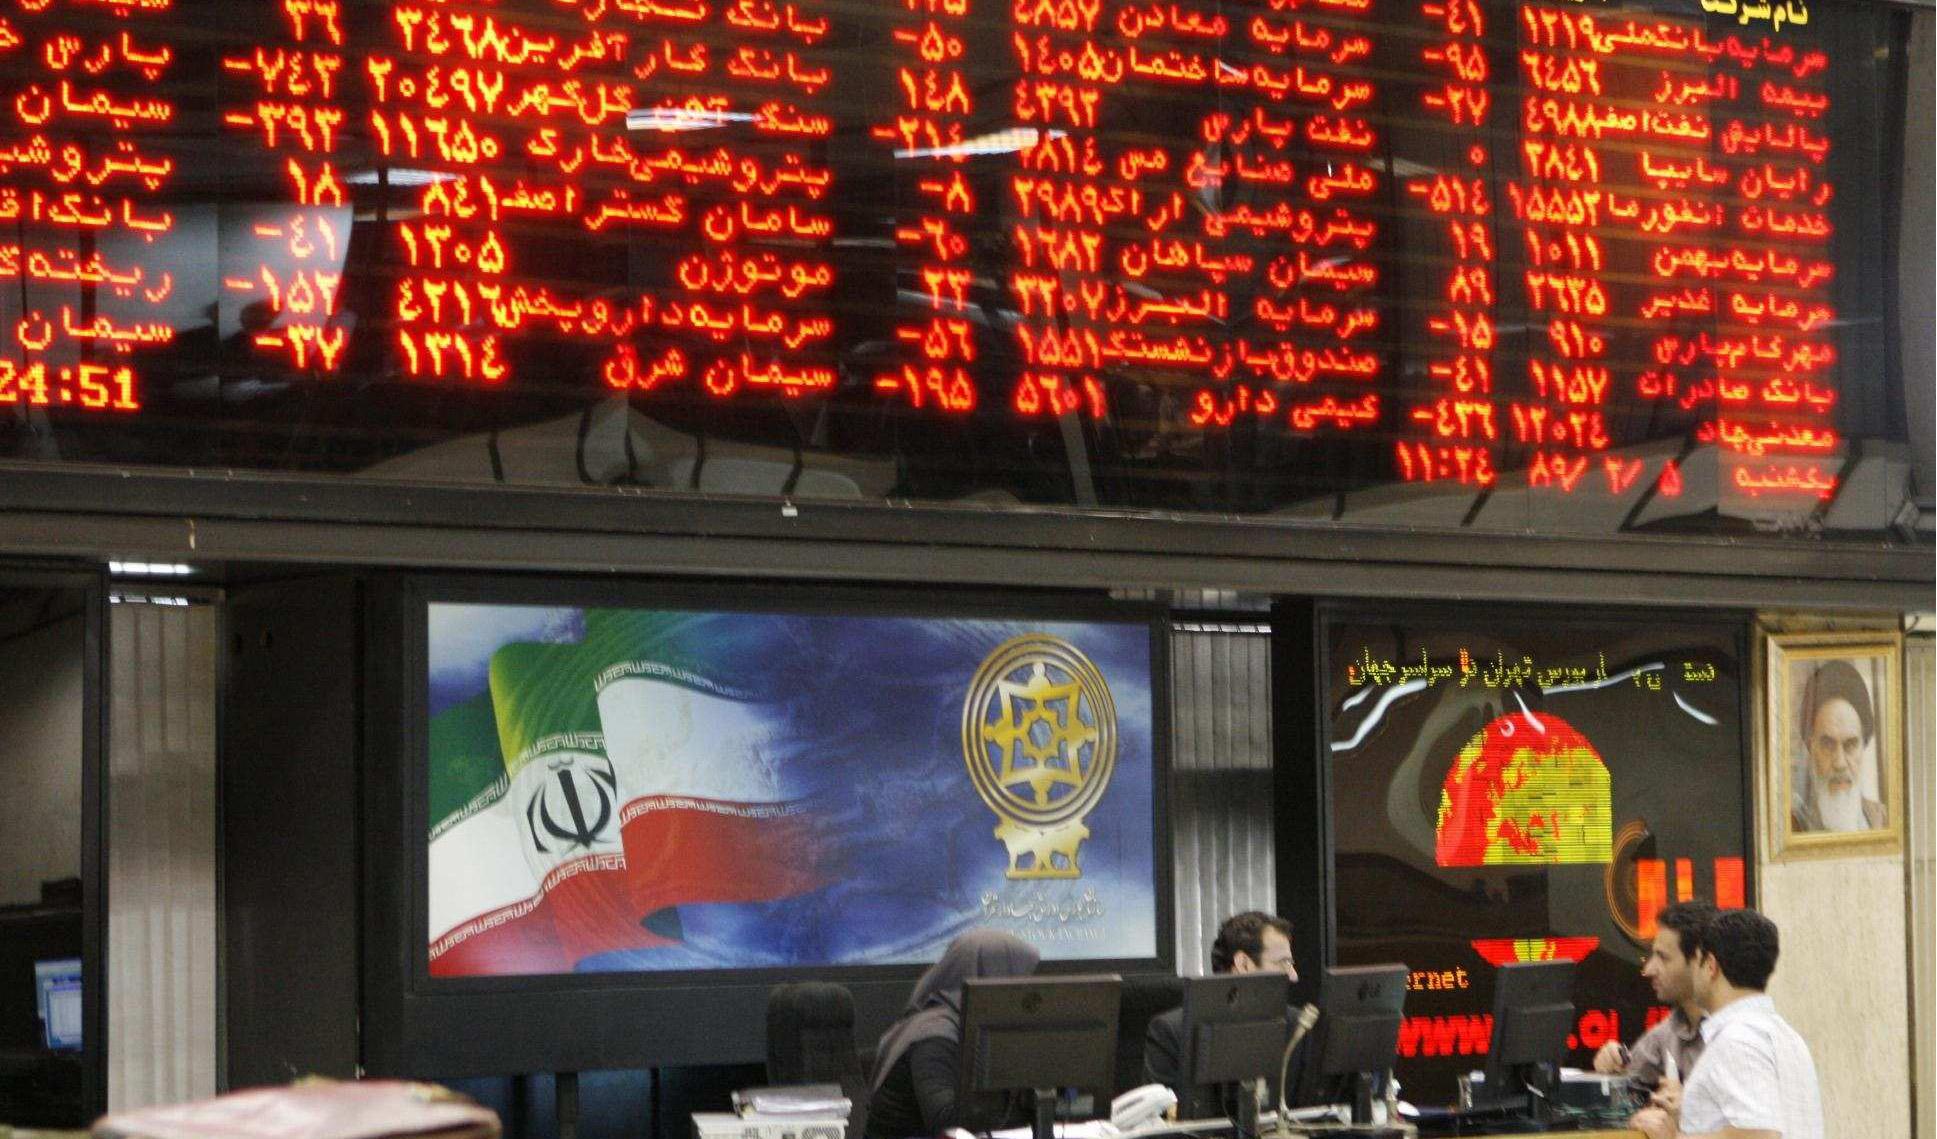 تغییر قوانین مالیاتی در بازار سرمایه تکذیب شد